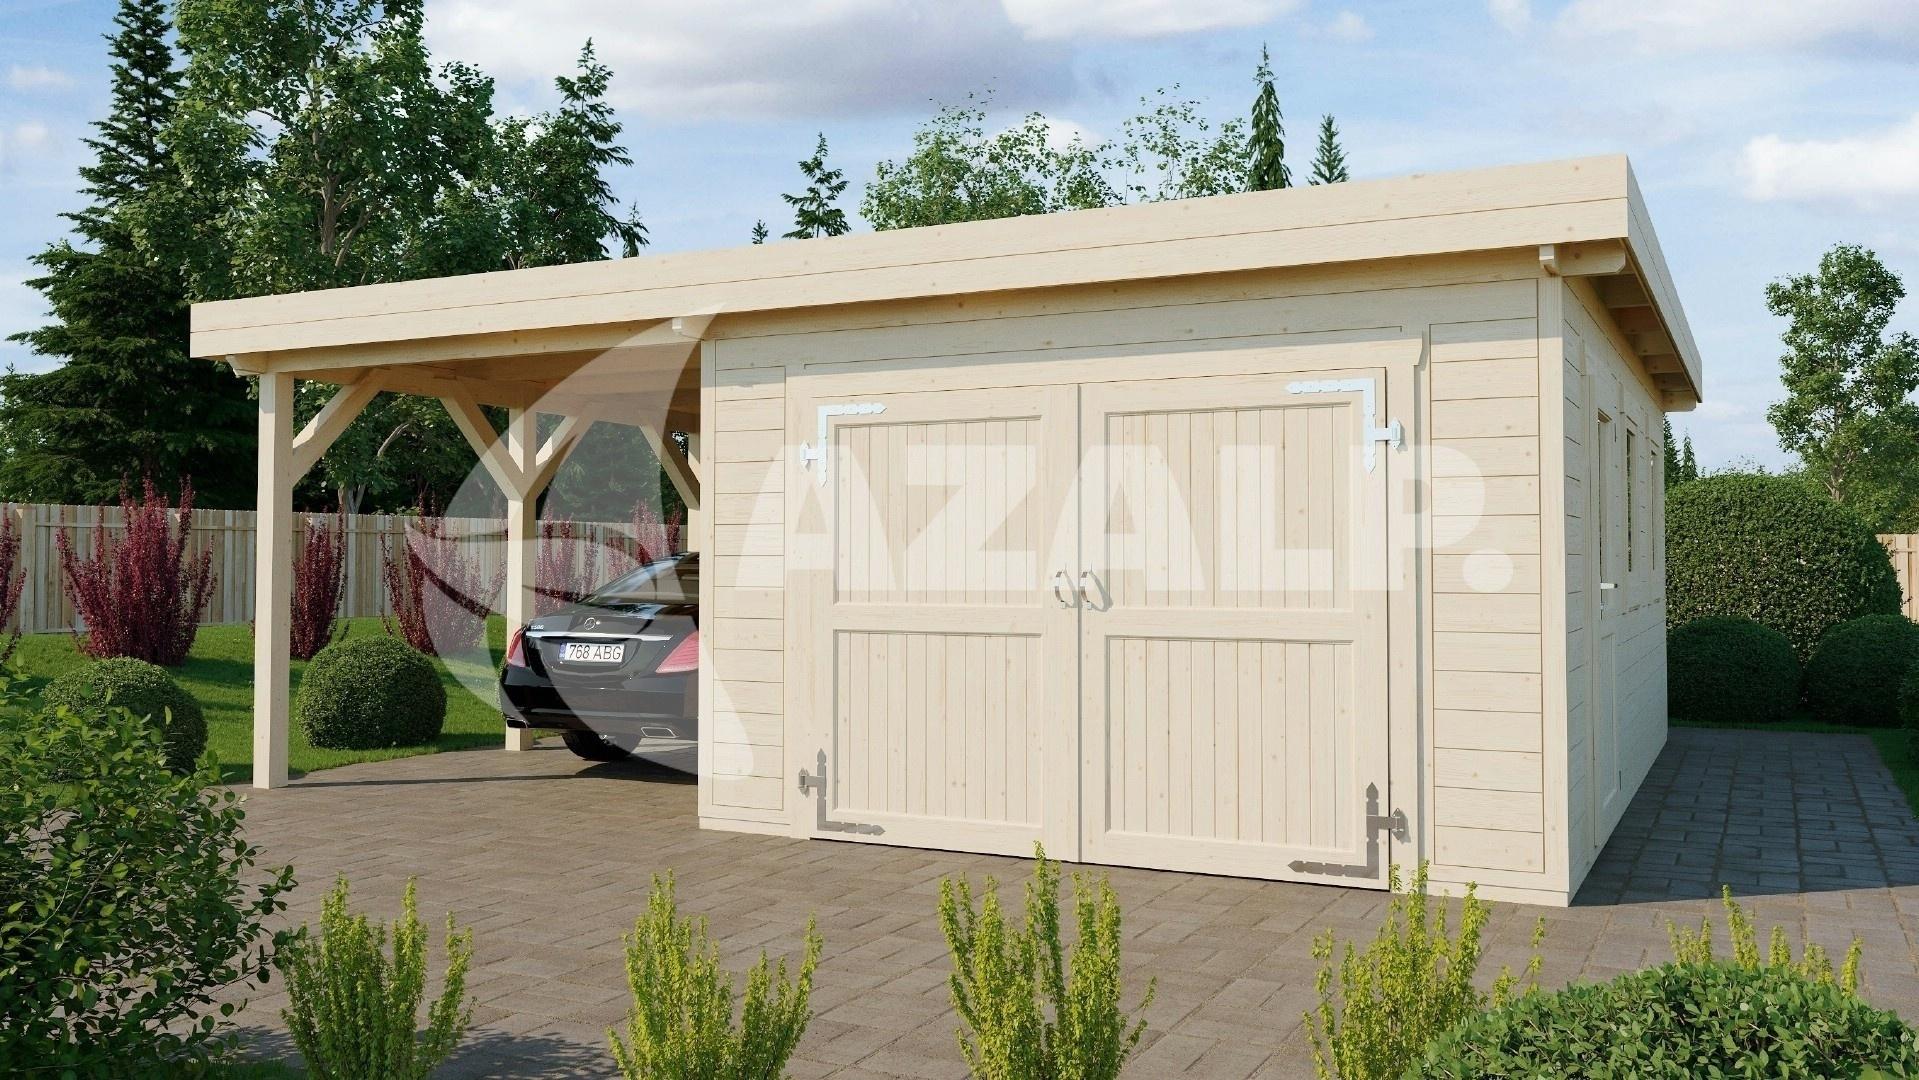 Houten Garage Hema : Vandaag te doen in arnhem